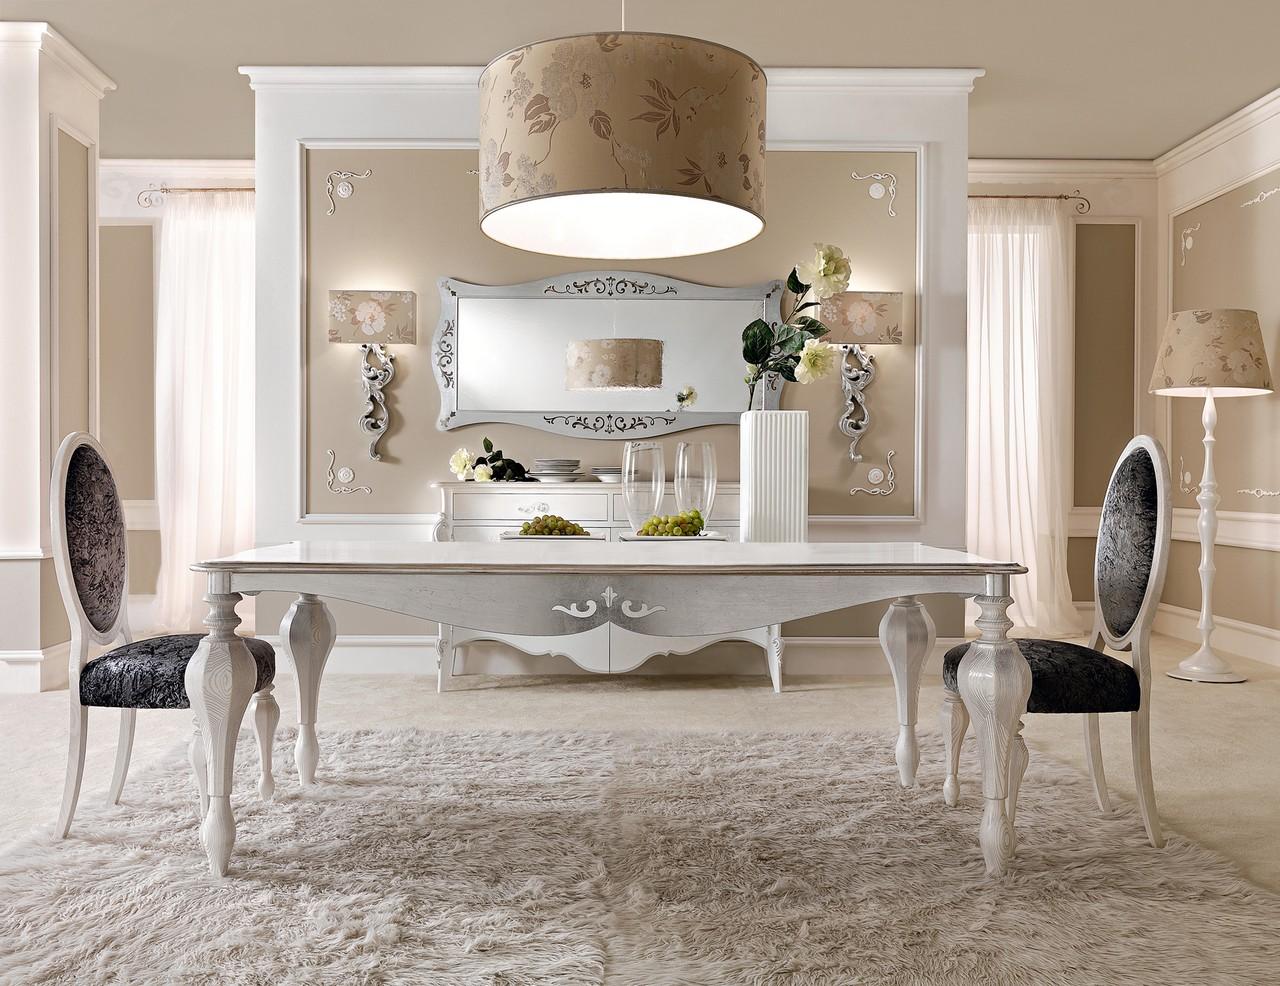 Gotha italian luxury stylescenario for Tavolo salone